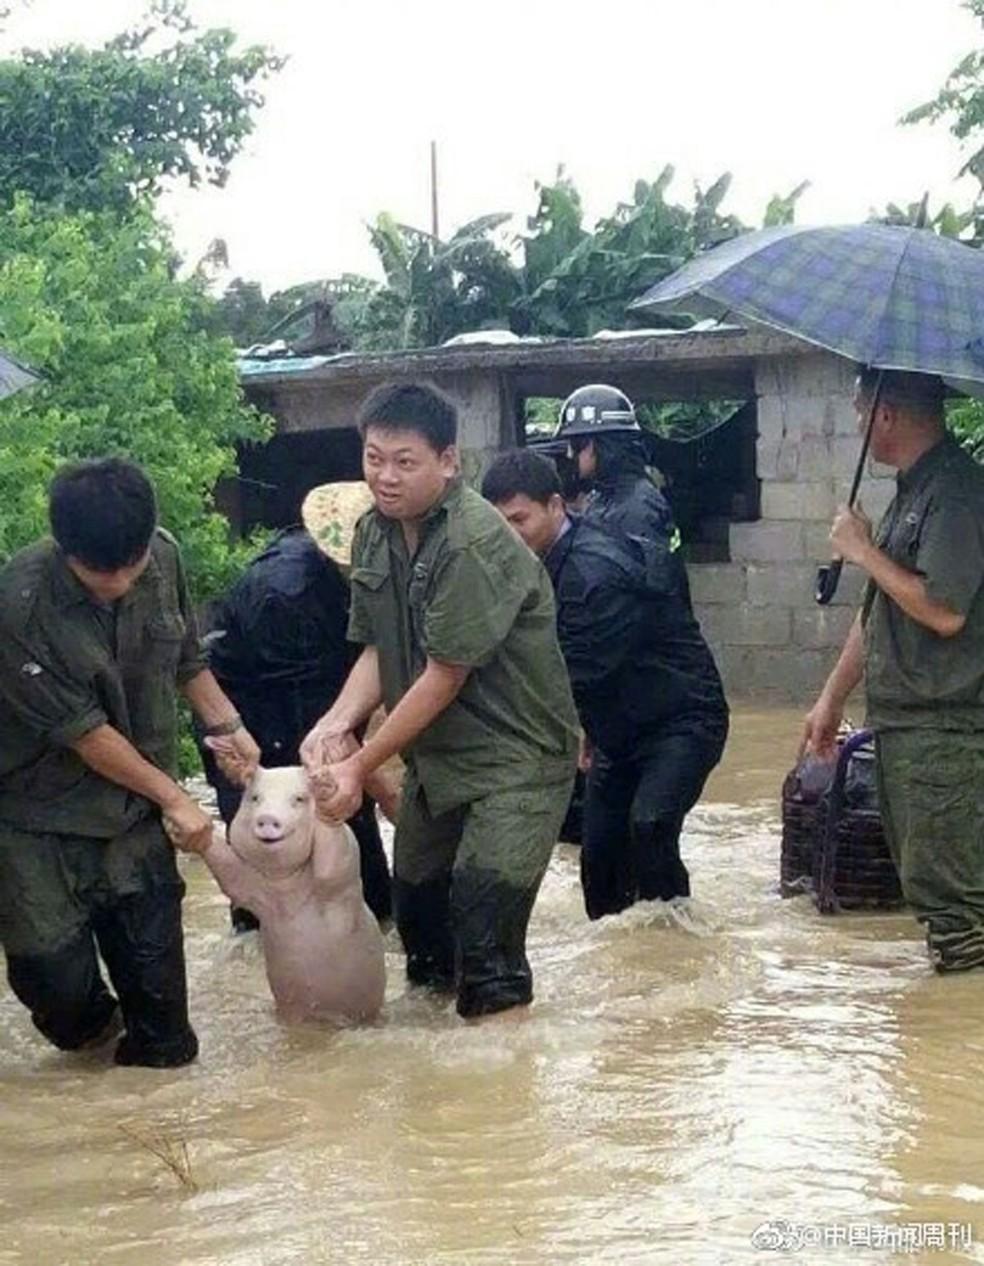 Foto de porco 'sorridente' durante resgate na China viraliza (Foto: Weibo/reprodução)